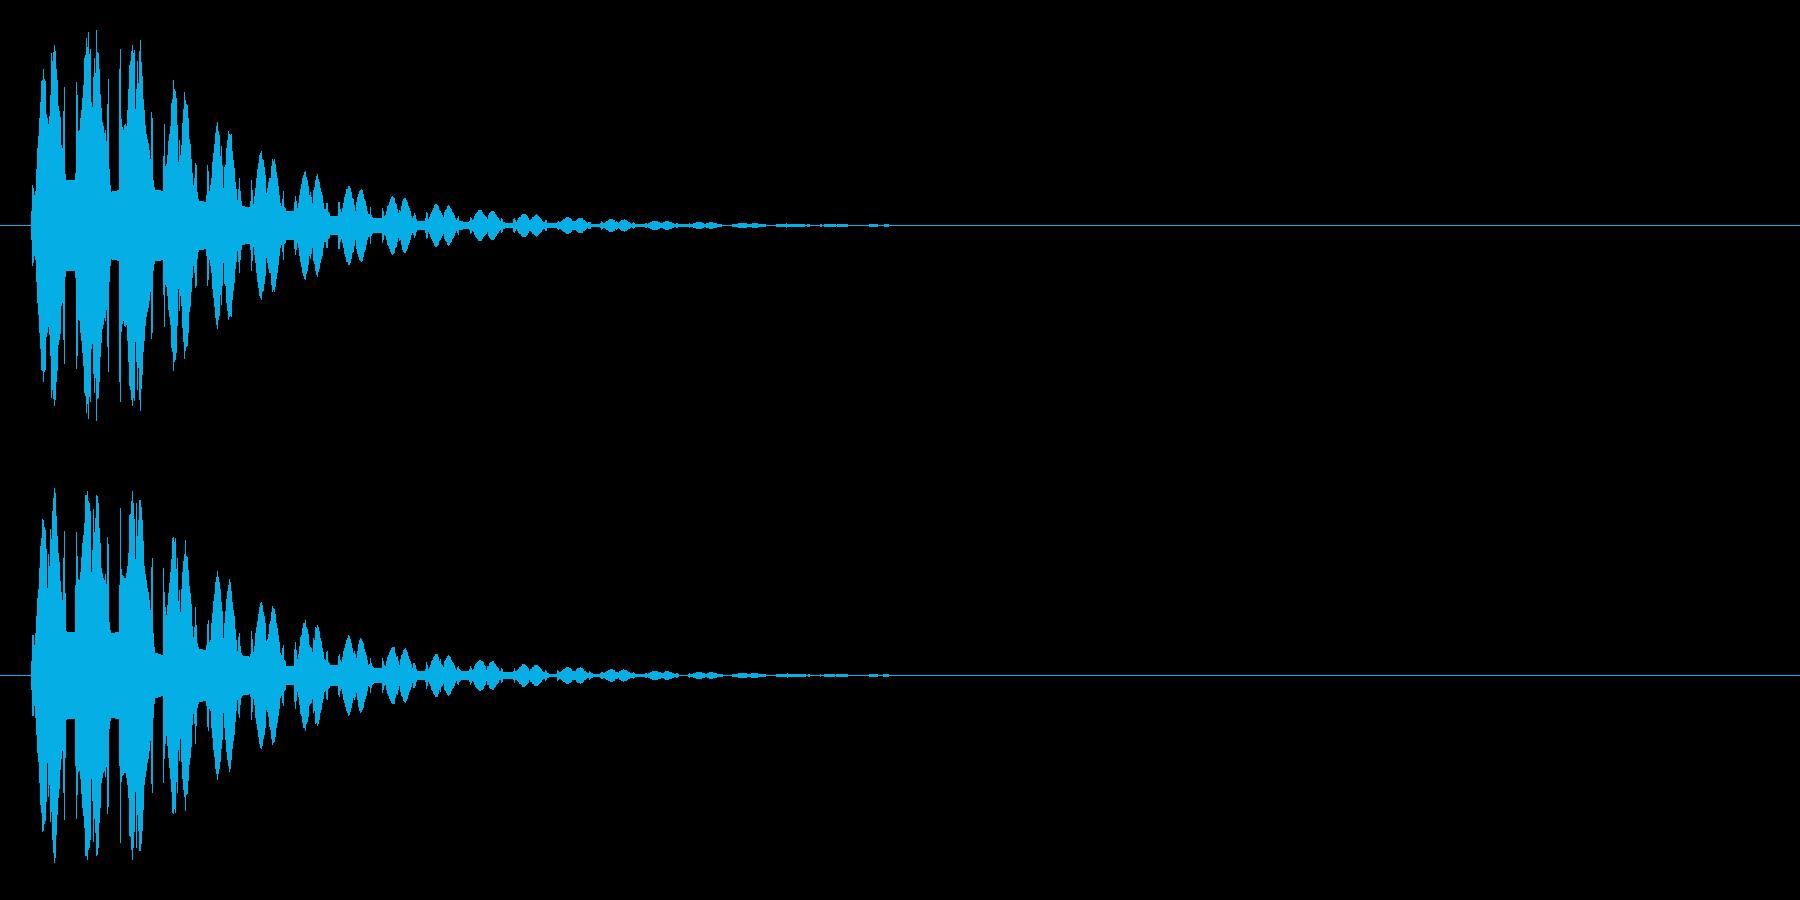 消える、ワープ等の再生済みの波形